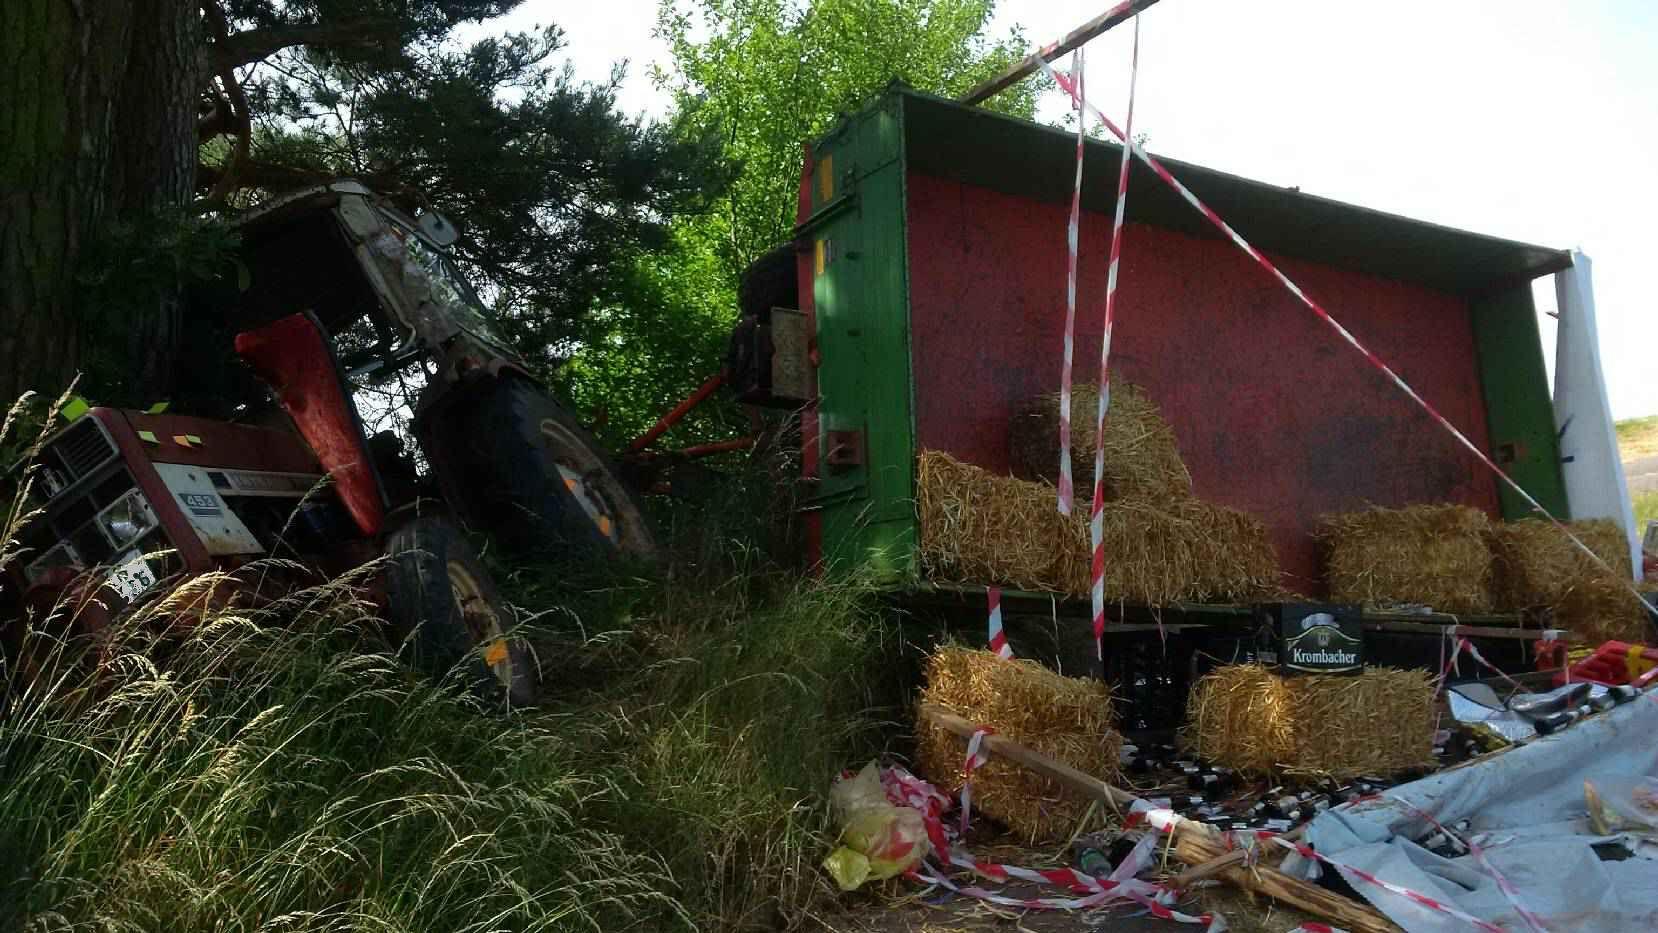 Mit Traktor gegen Baum: Schüler verunglücken bei Abschlussfahrt